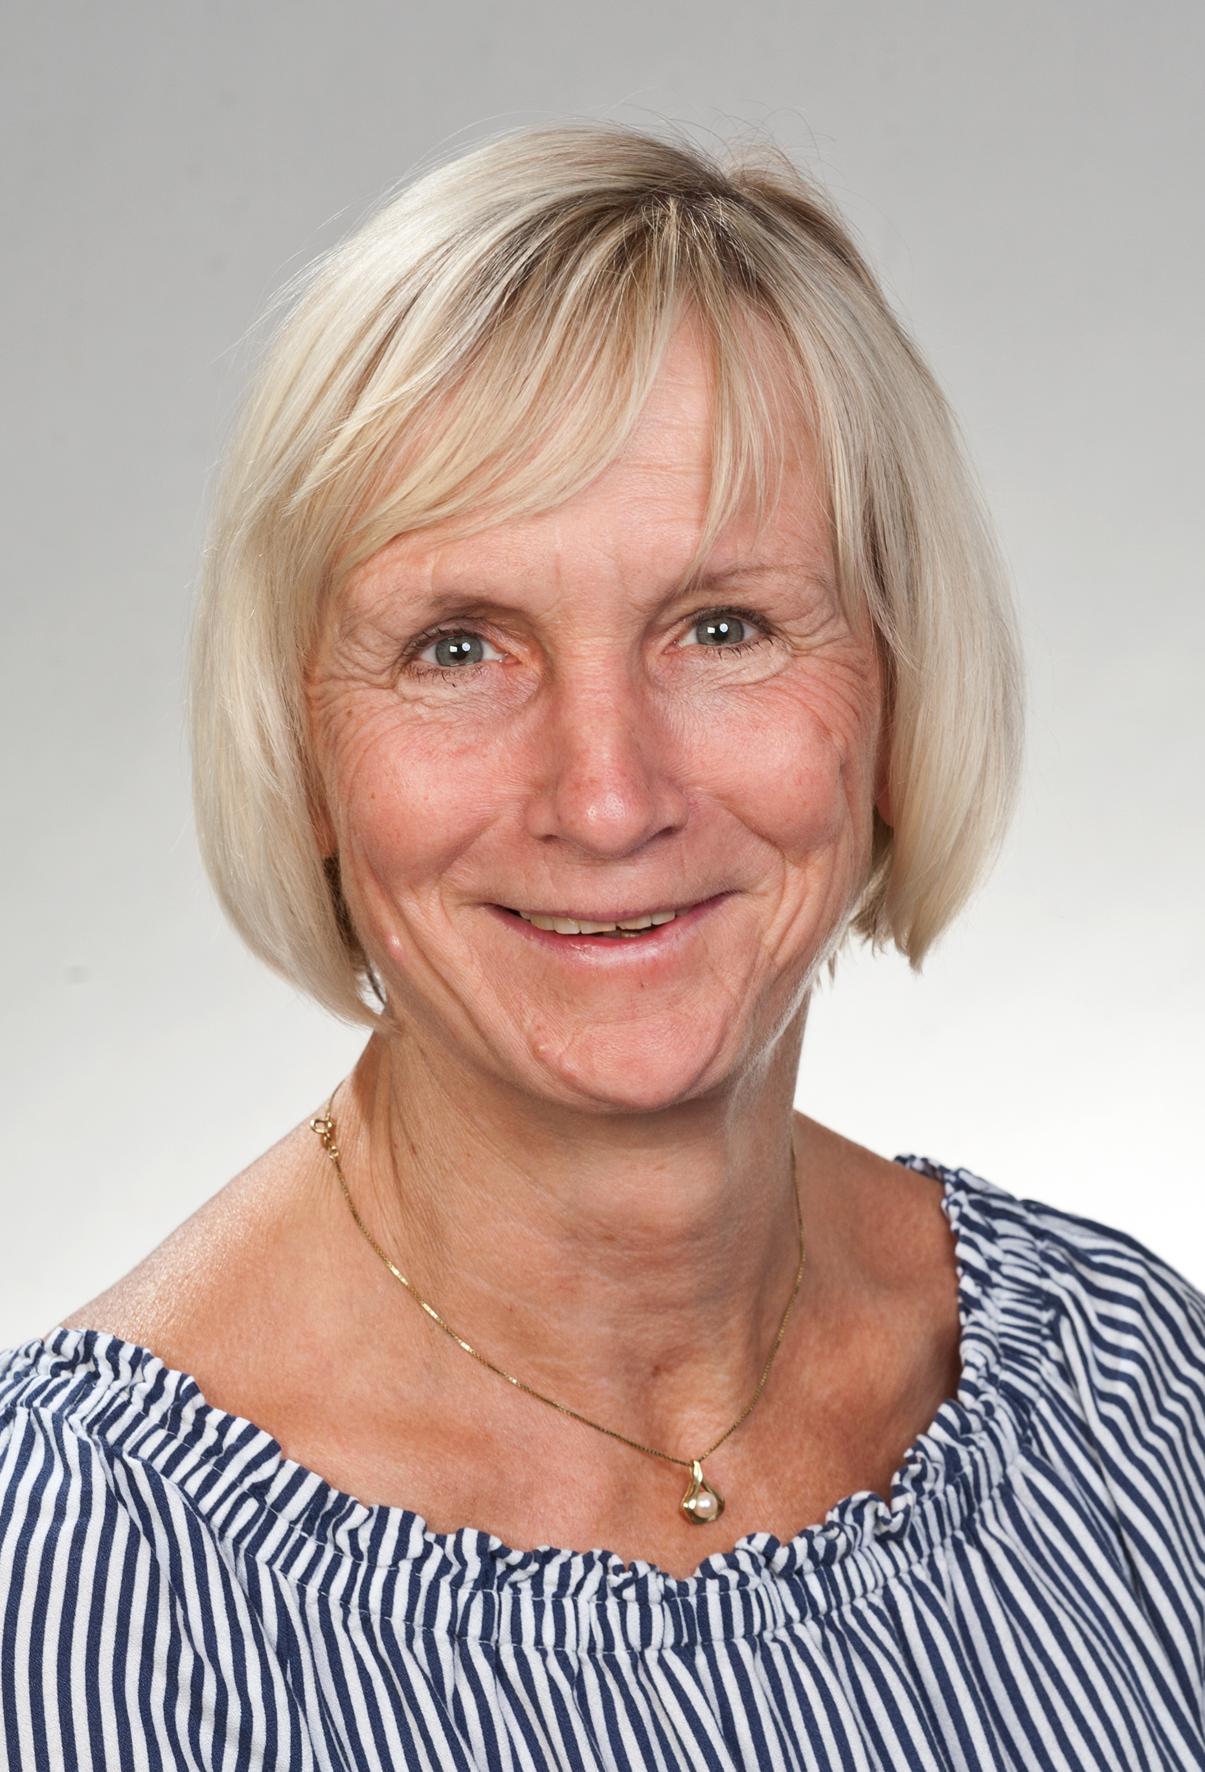 Rita Heinen-Geiser - Bürokraft im Kempener Tantreff-Büro und gute Seele des Hauses.